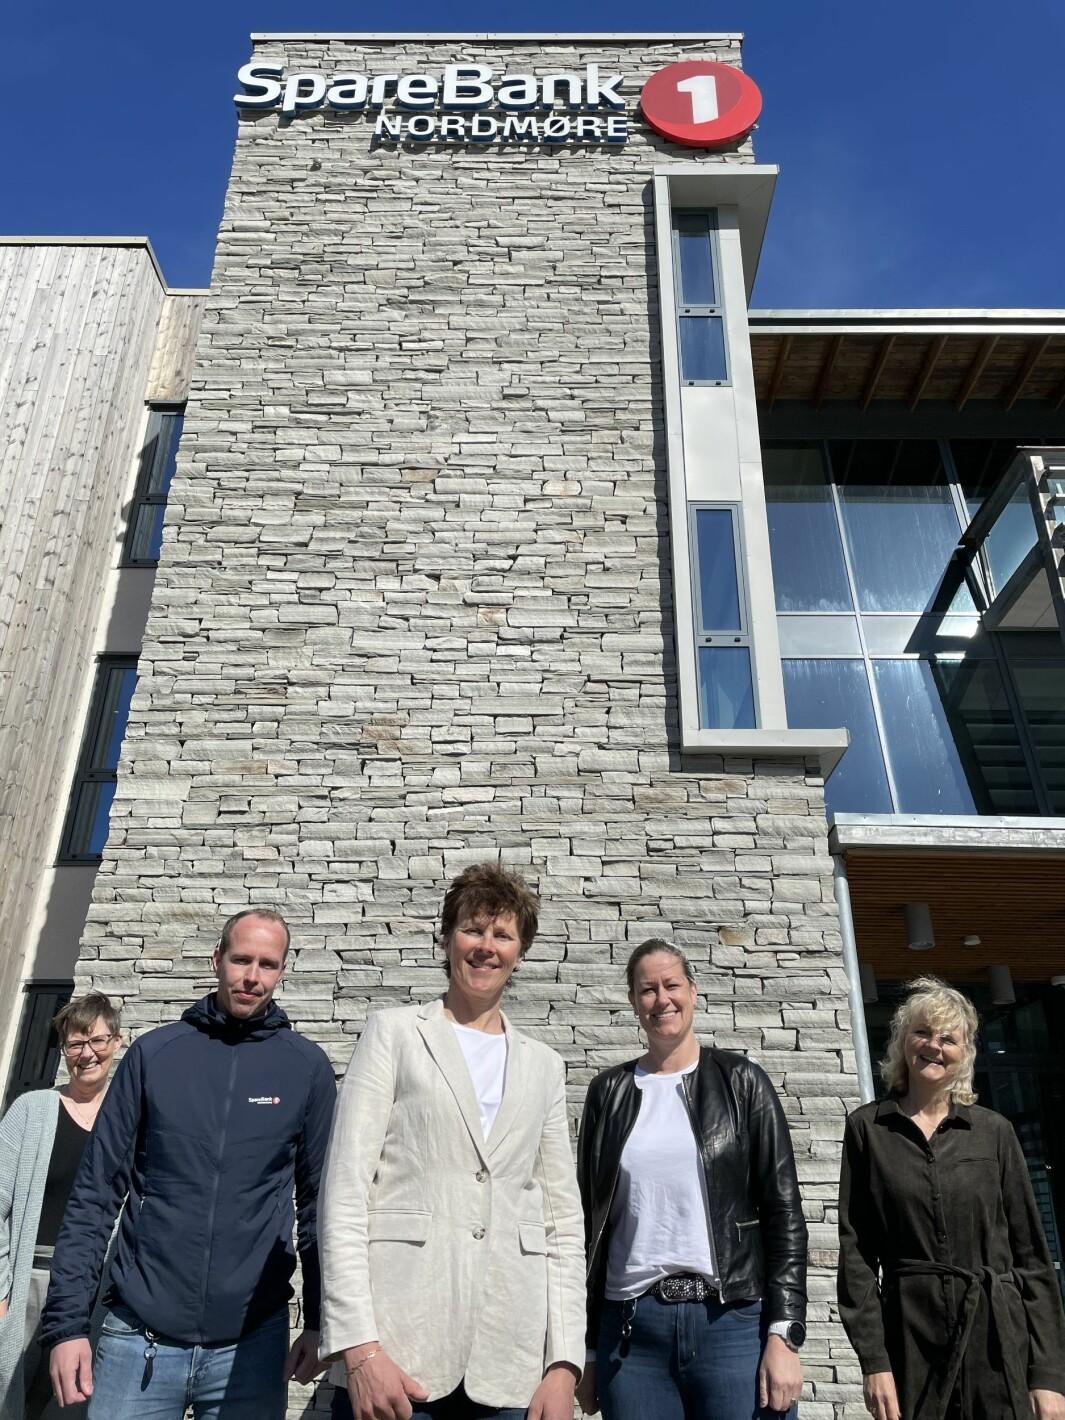 Ruth Marit Schei Dannevig (fremst i midten) står i spissen for SpareBank 1 Nordmøres forsikringsrådgivere for privatmarkedet. Hun har med seg Ingrid Øyen Sponås (f.v.), Dan Blekken, Elin Mo og Marit Fiske Nes.